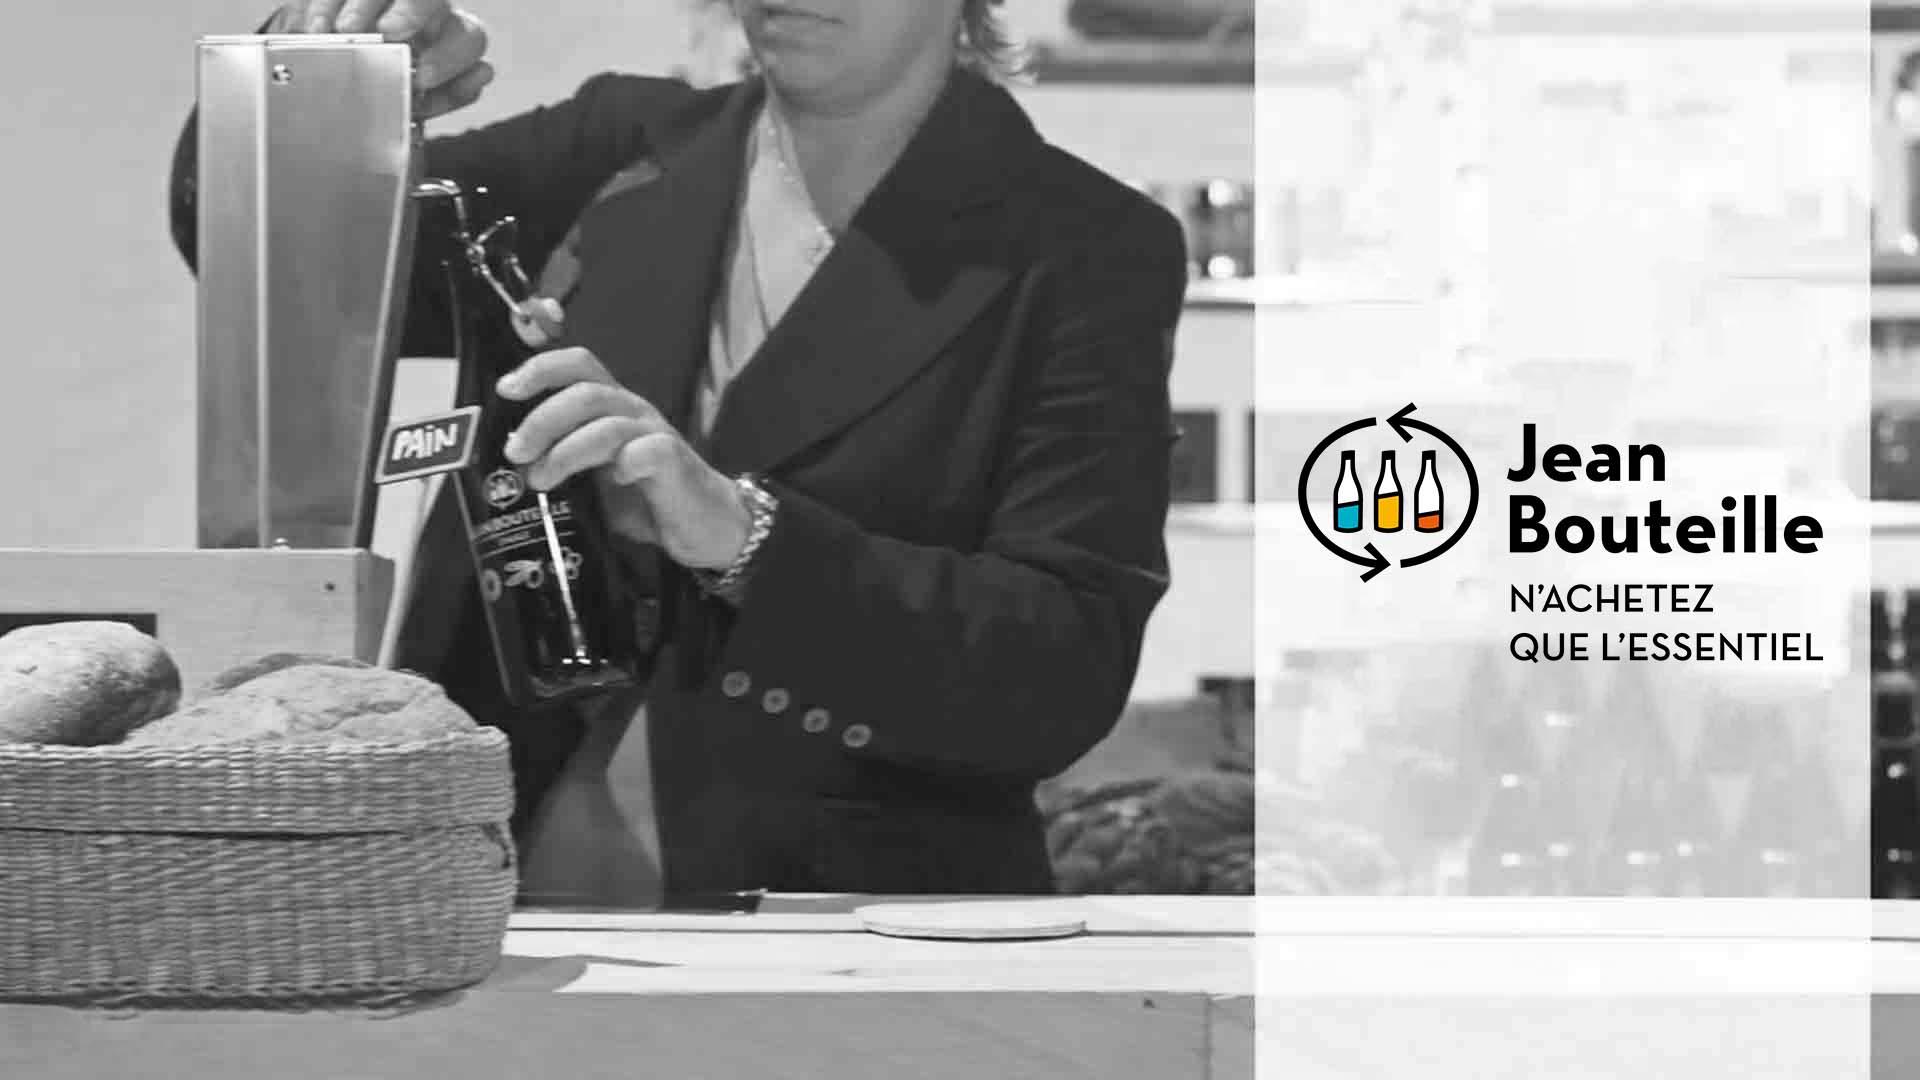 Jean Bouteille producteur vrac liquide bouteille consignée